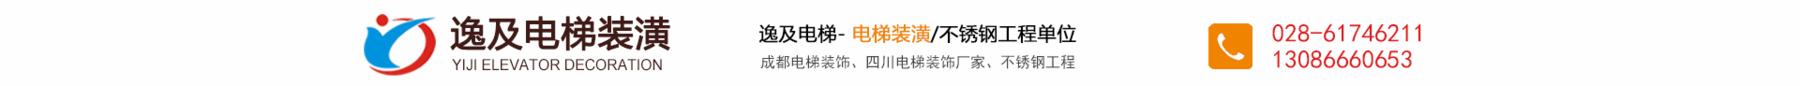 成都贝博竞彩app贝博网址多少贝博策略